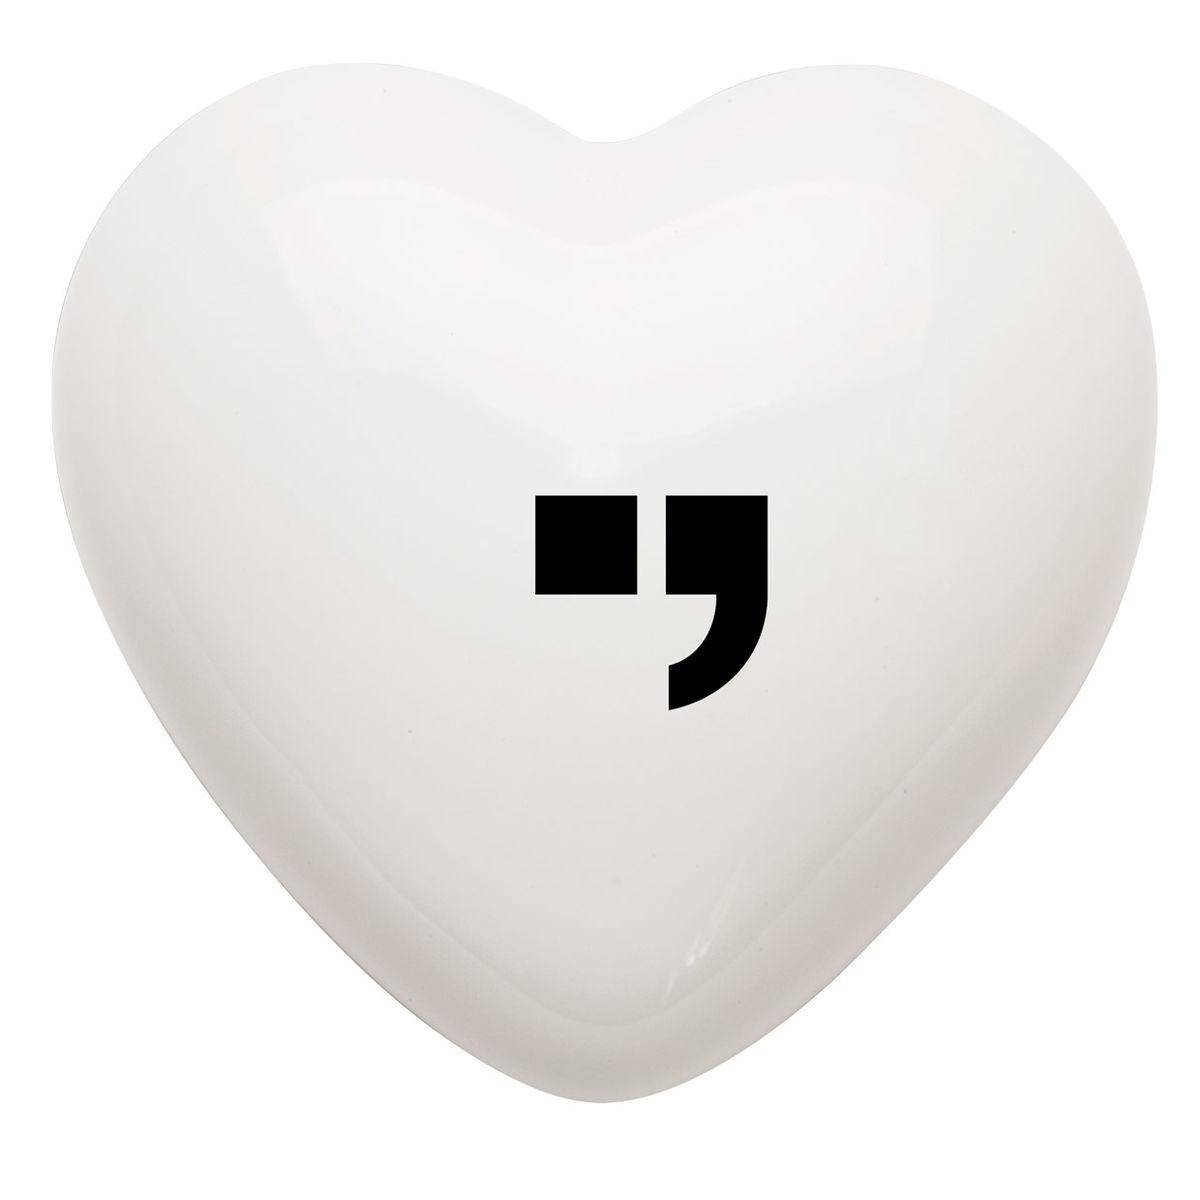 Heart always 2